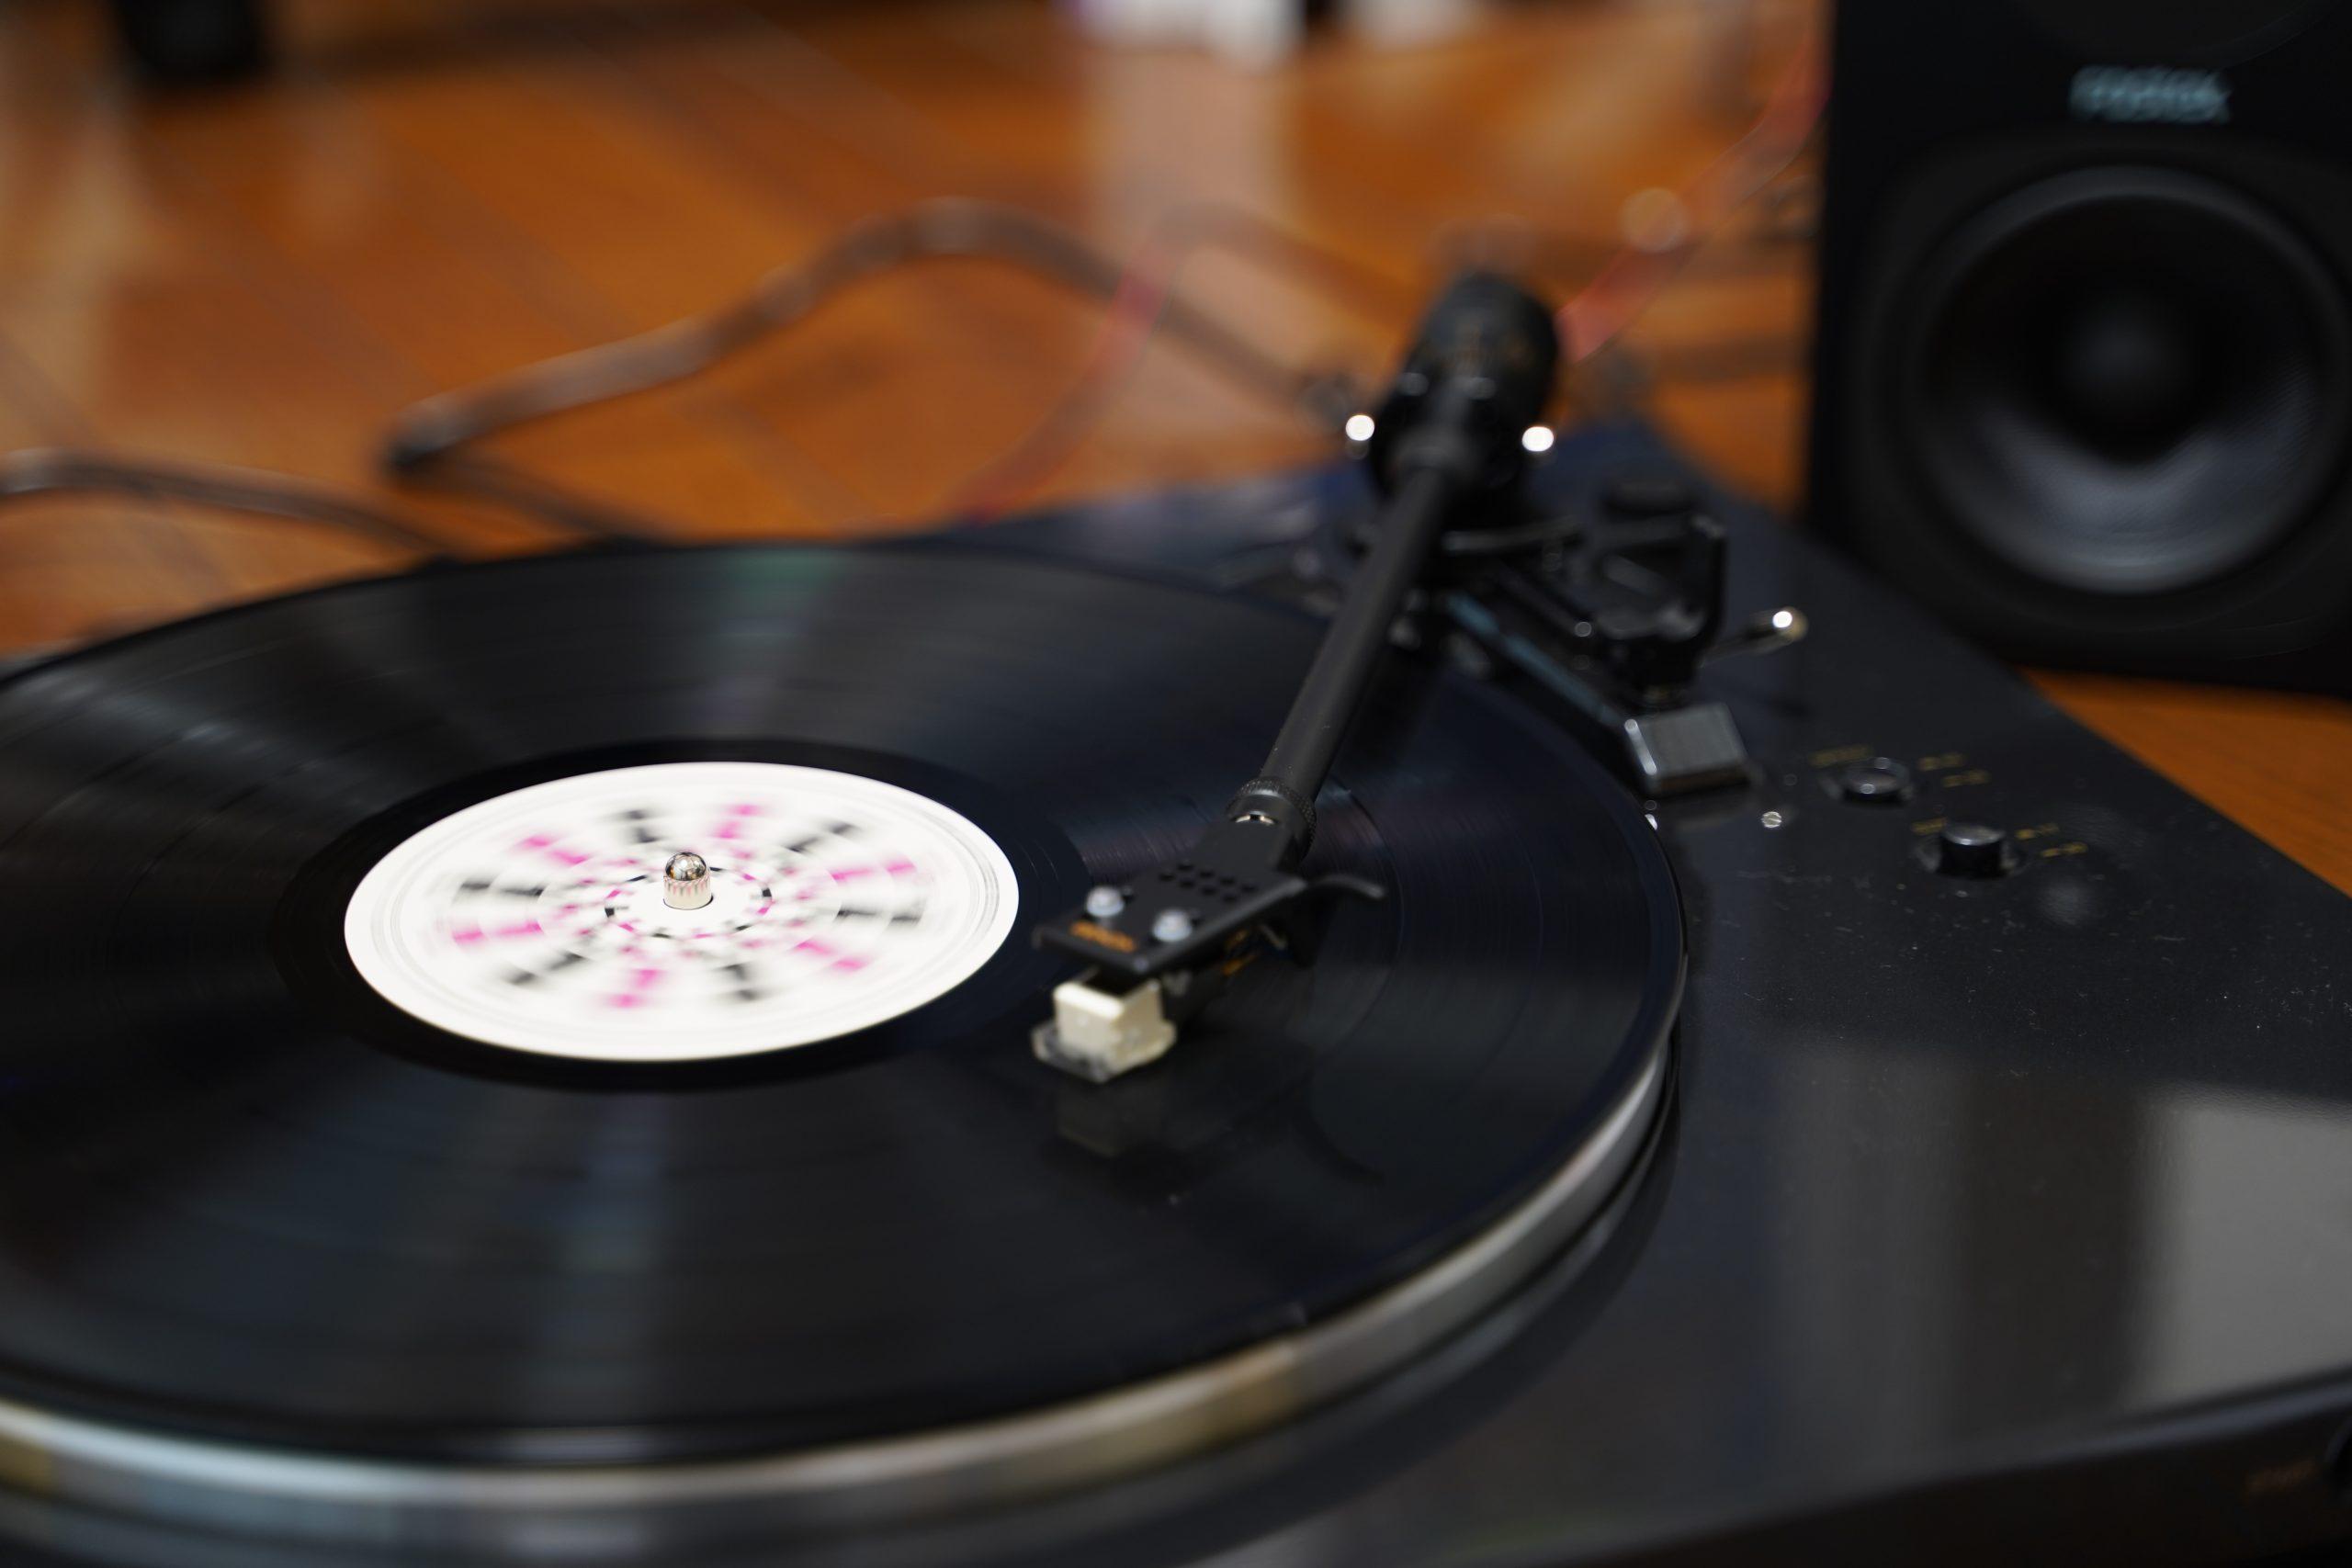 【SONY】【TAMRON】レコードプレーヤーのすすめ